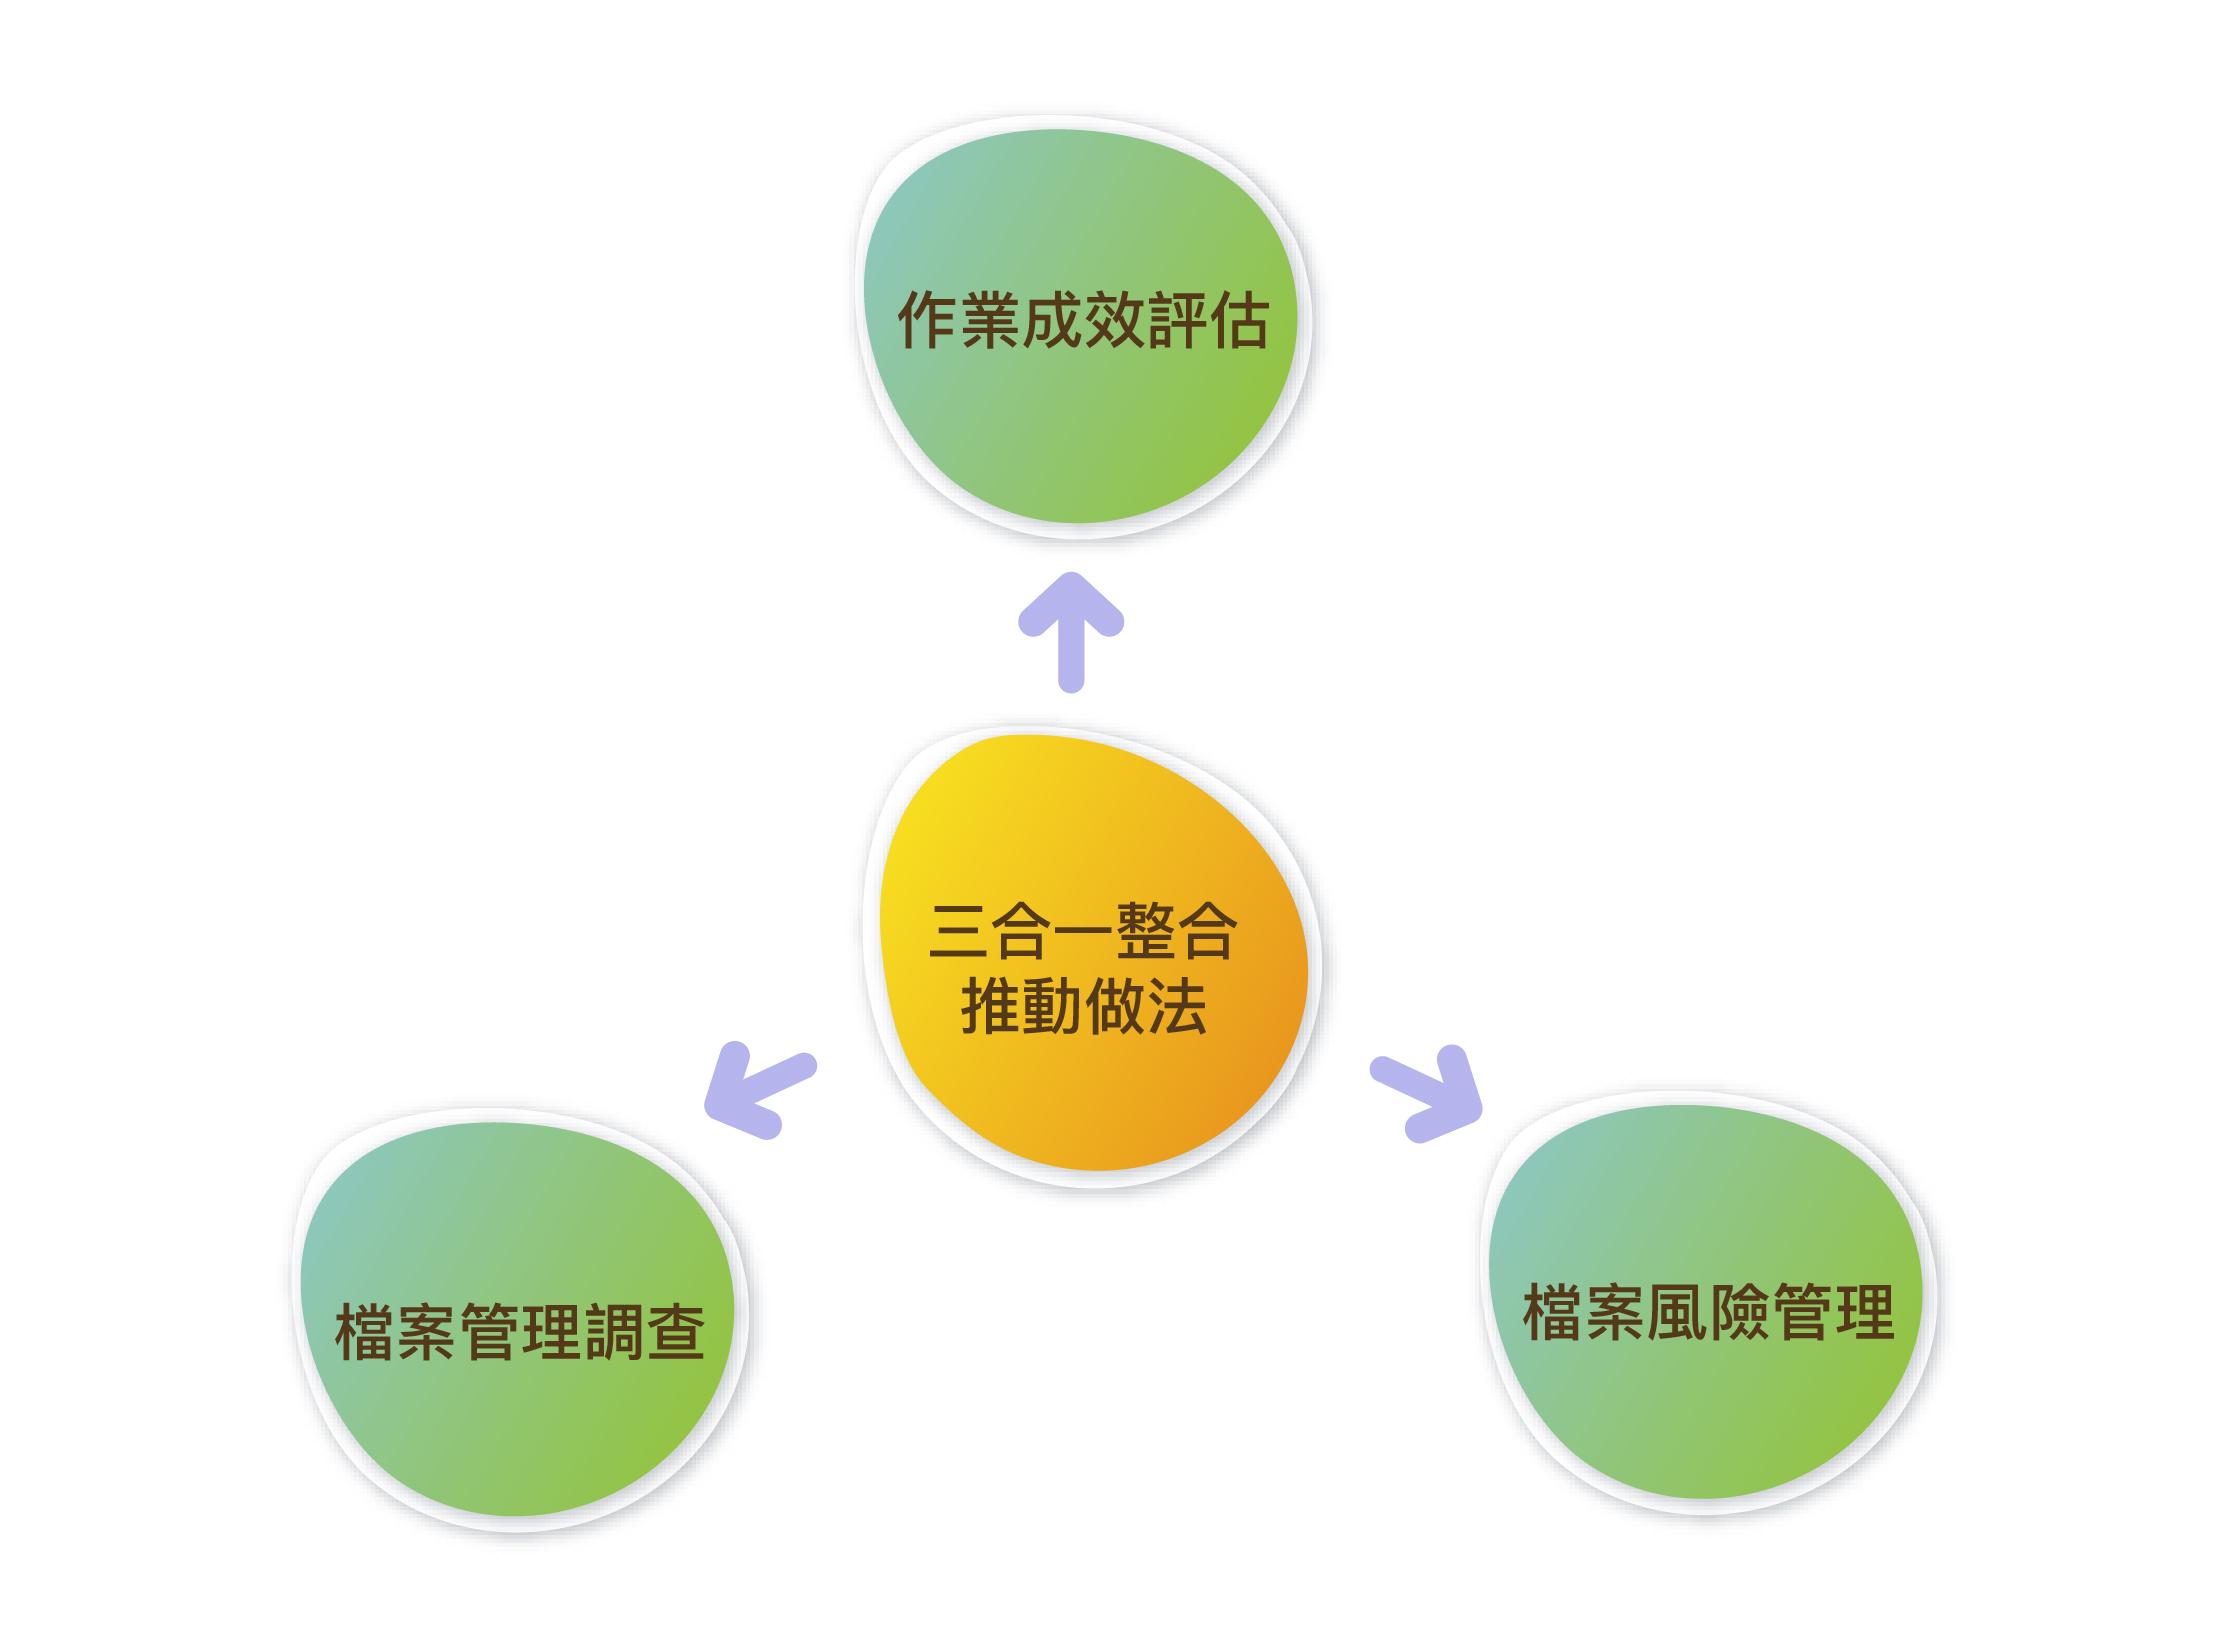 落實自主管理與輔導-檔案管理調查、機關檔案風險管理及機關檔案管理作業檢核等三系統填報簡介